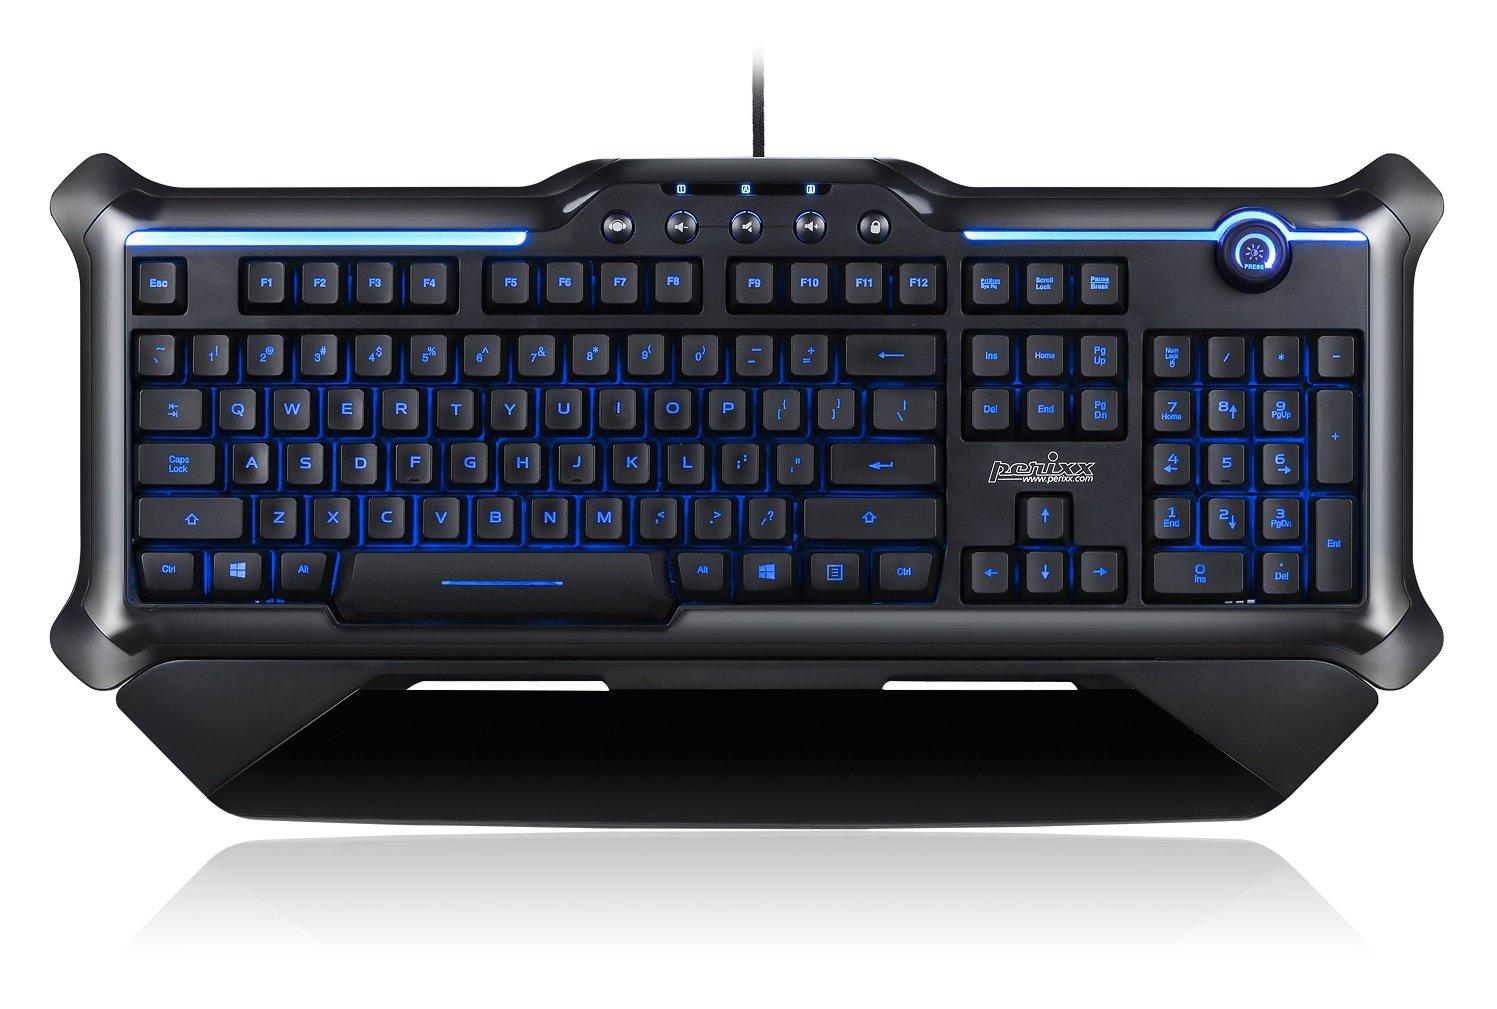 Perixx PX-1200, teclado retroiluminado para videojuegos, 18 teclas antighosting, teclas con iluminación roja/azul/morado, diseño inglés del Reino Unido: ...